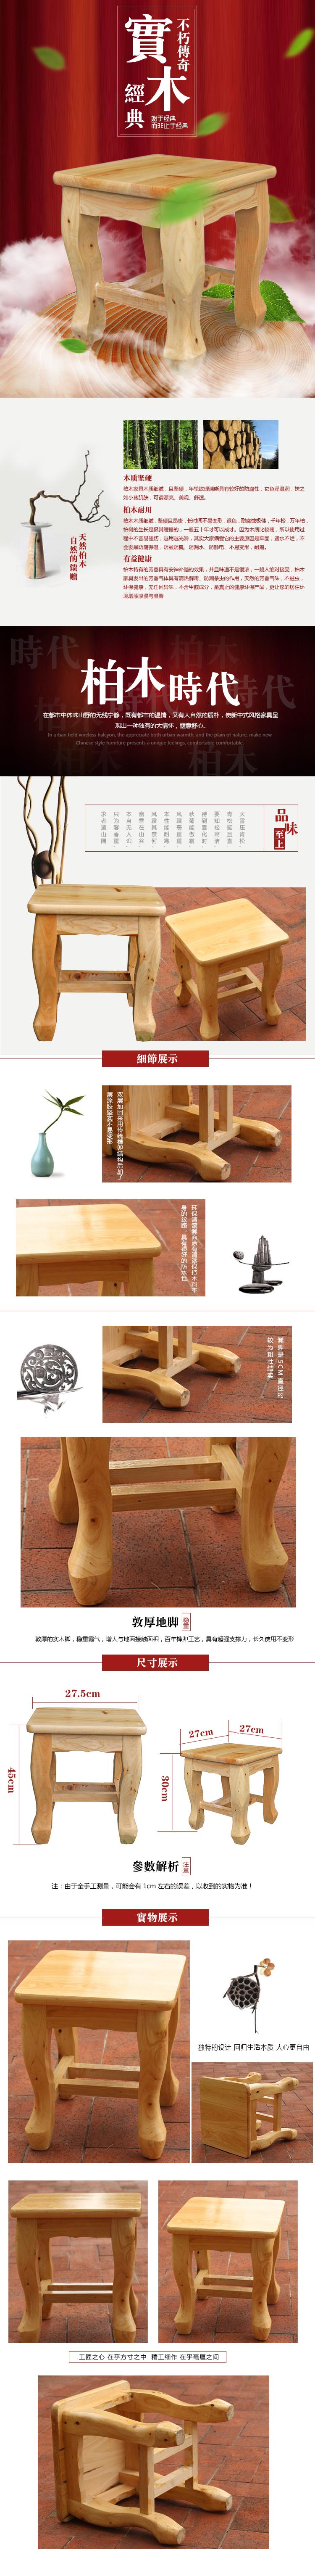 桌子和木桶详情|电子商务/商城|网页|群纸轻鸢